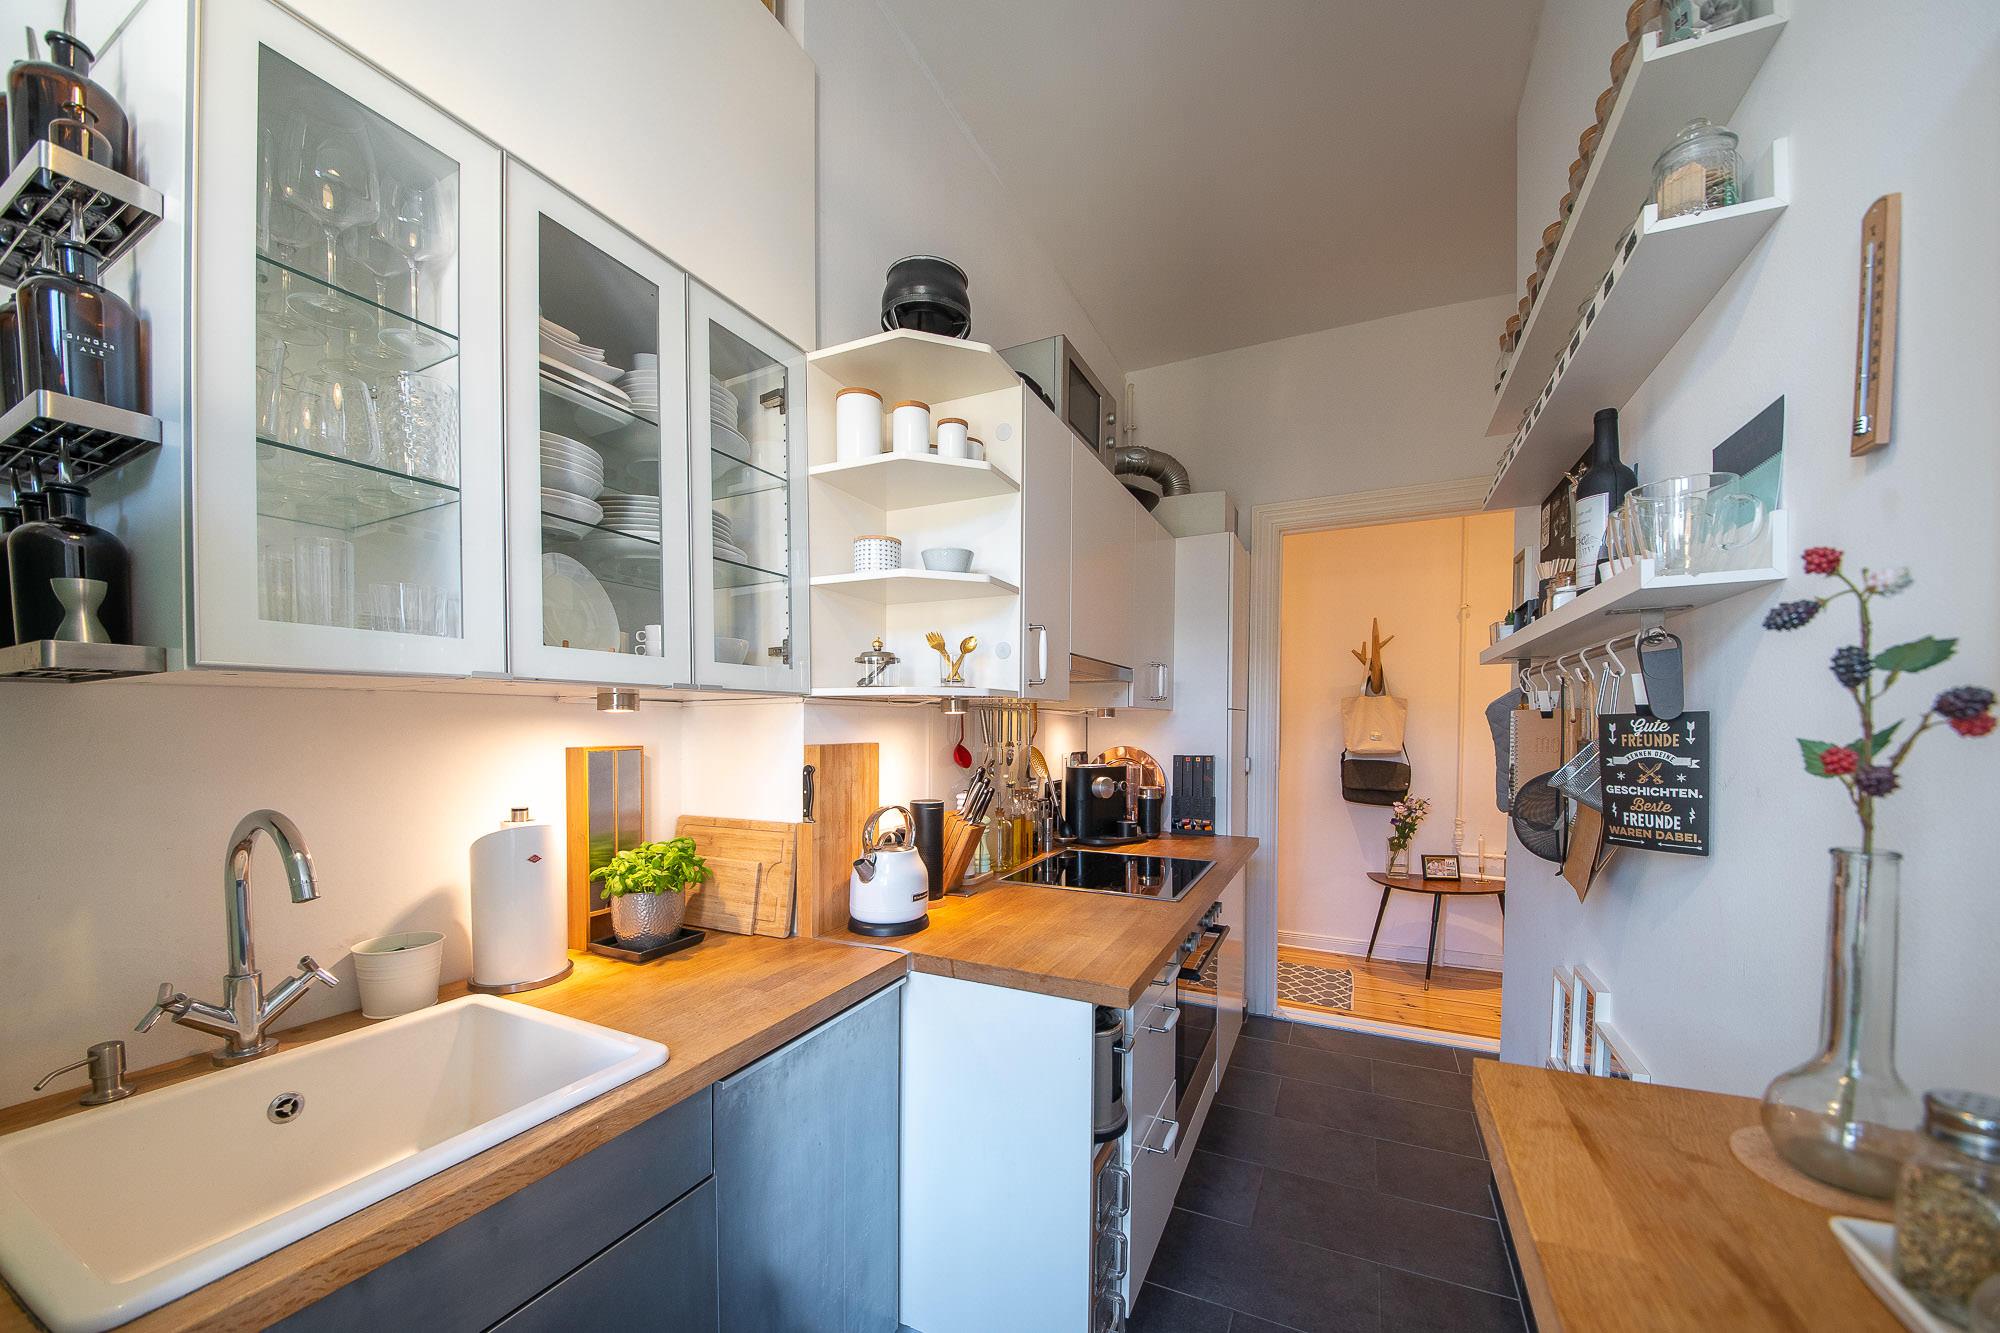 2019-04-26 - Moritz Real Estate-008A7303456-2.jpg